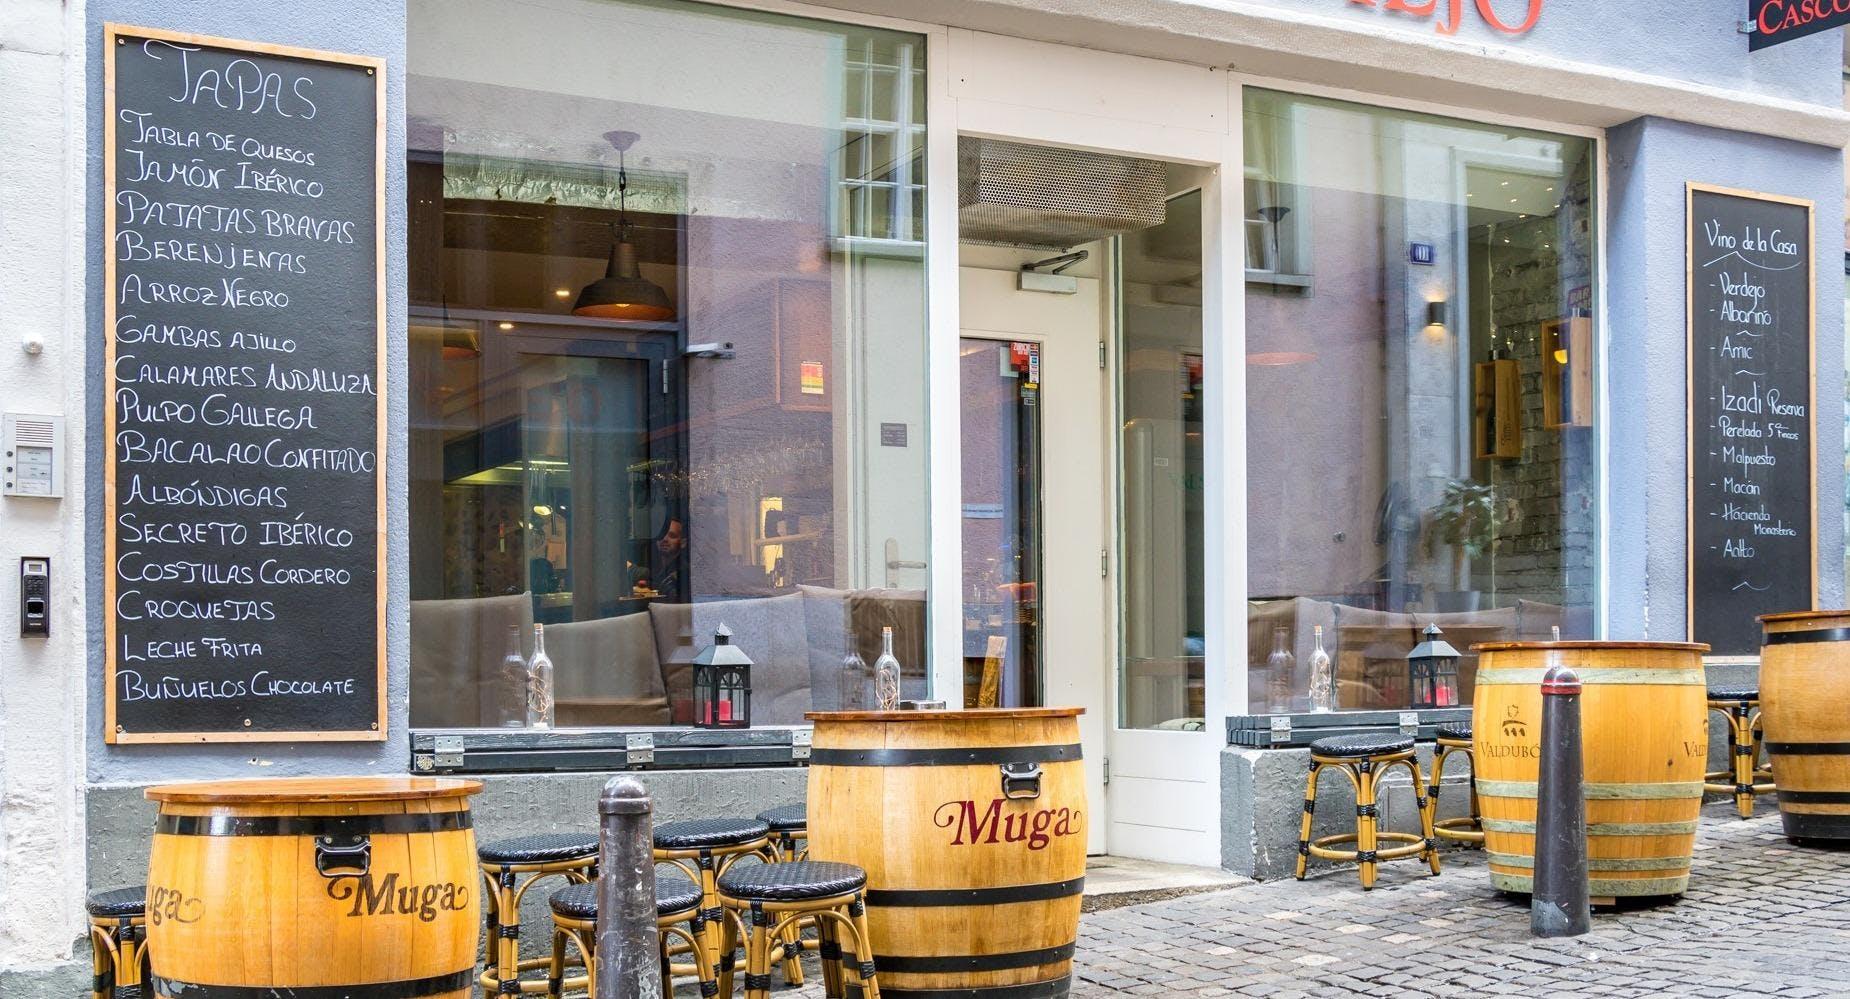 Tapas Bar Casco Viejo Zürich image 1